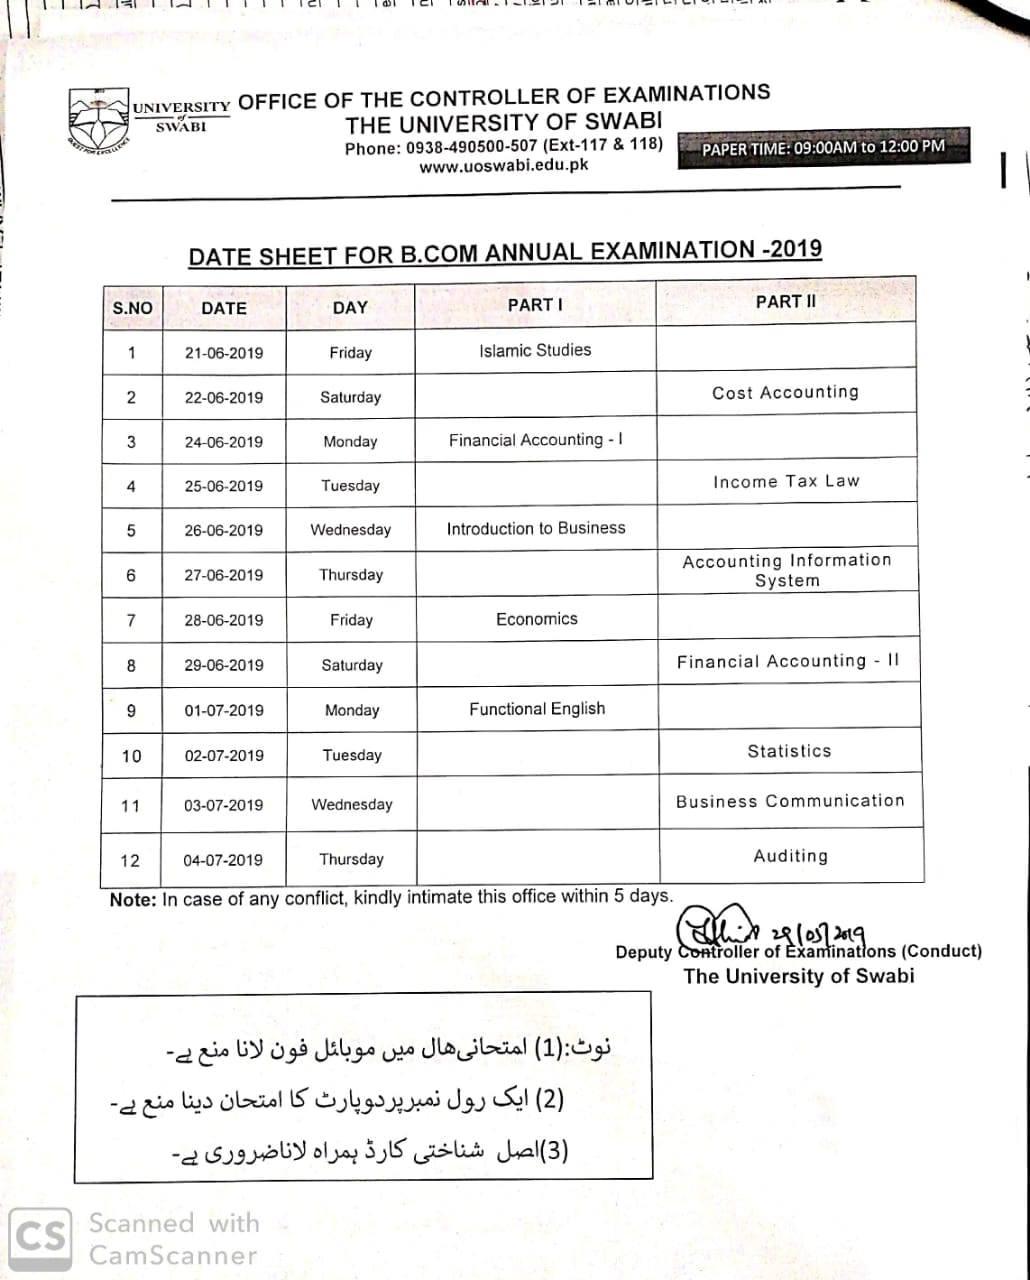 Uos exam timetable